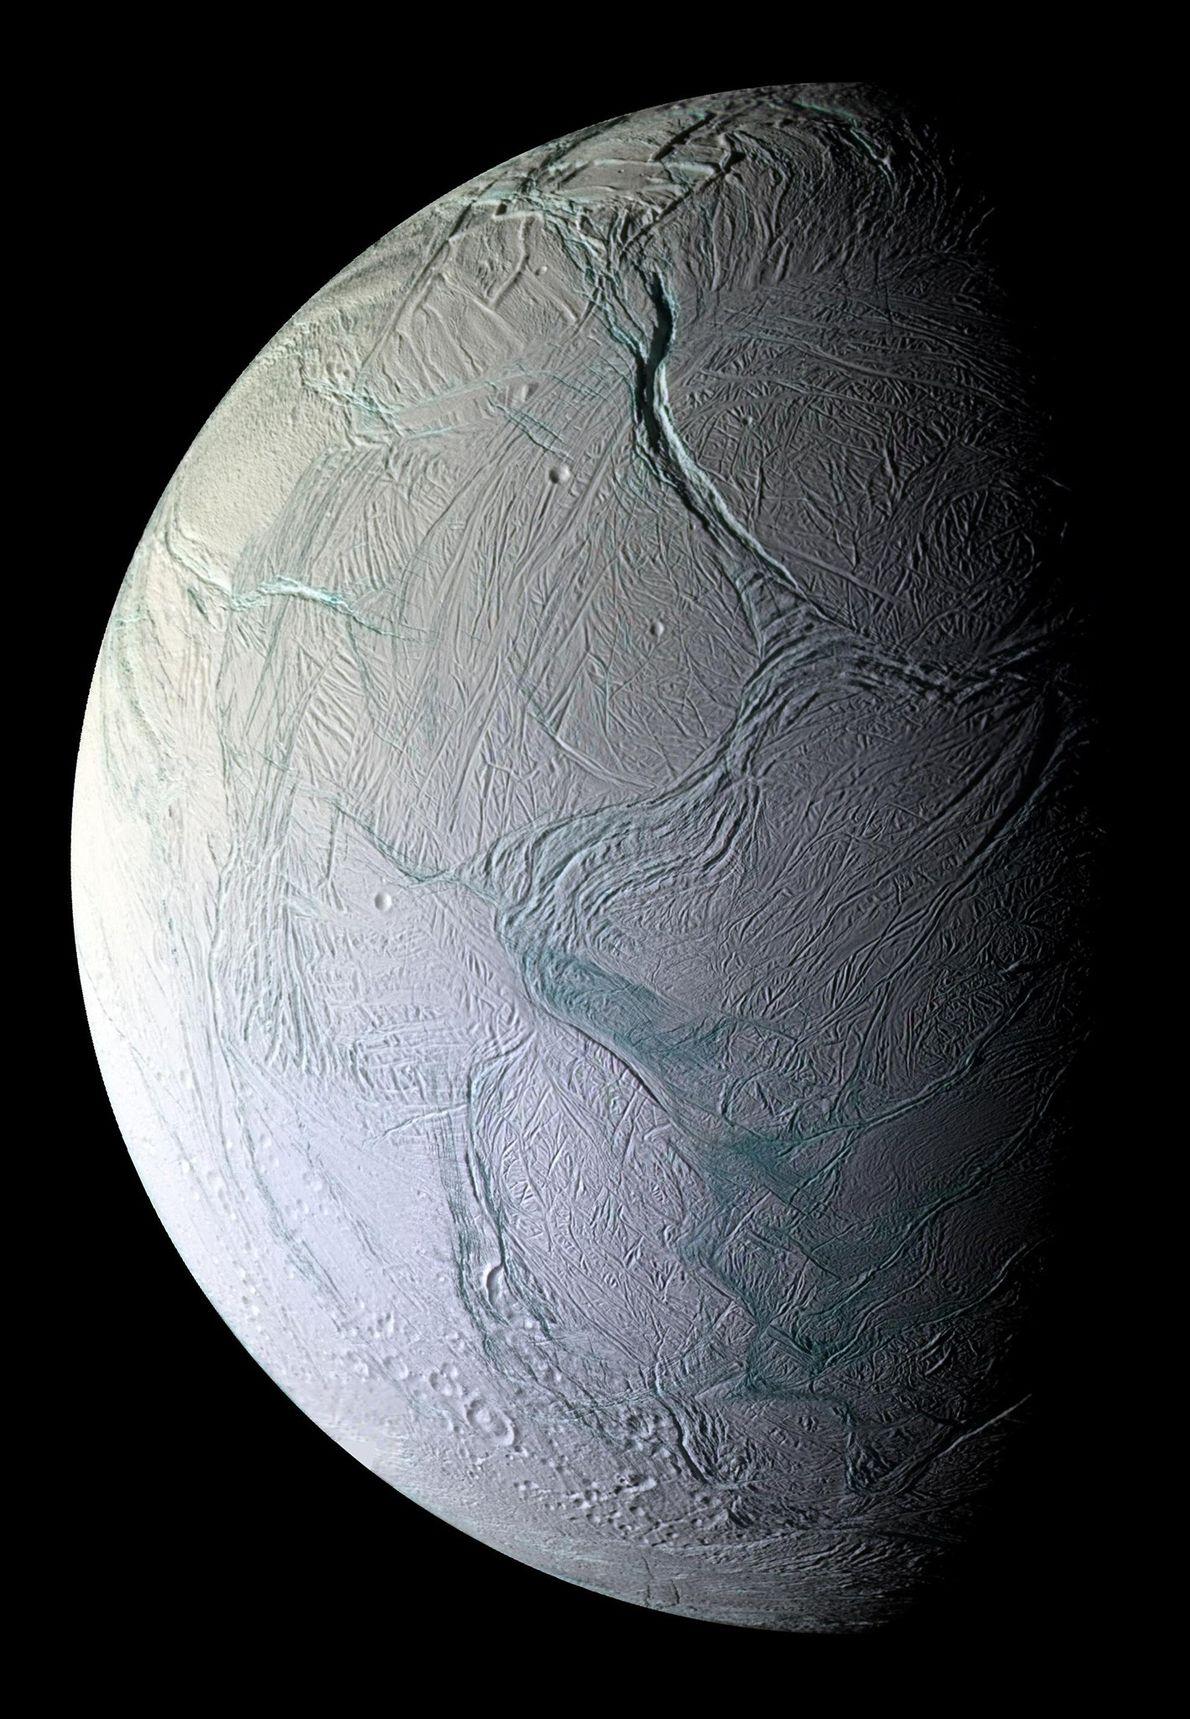 Encélado, por Cassini